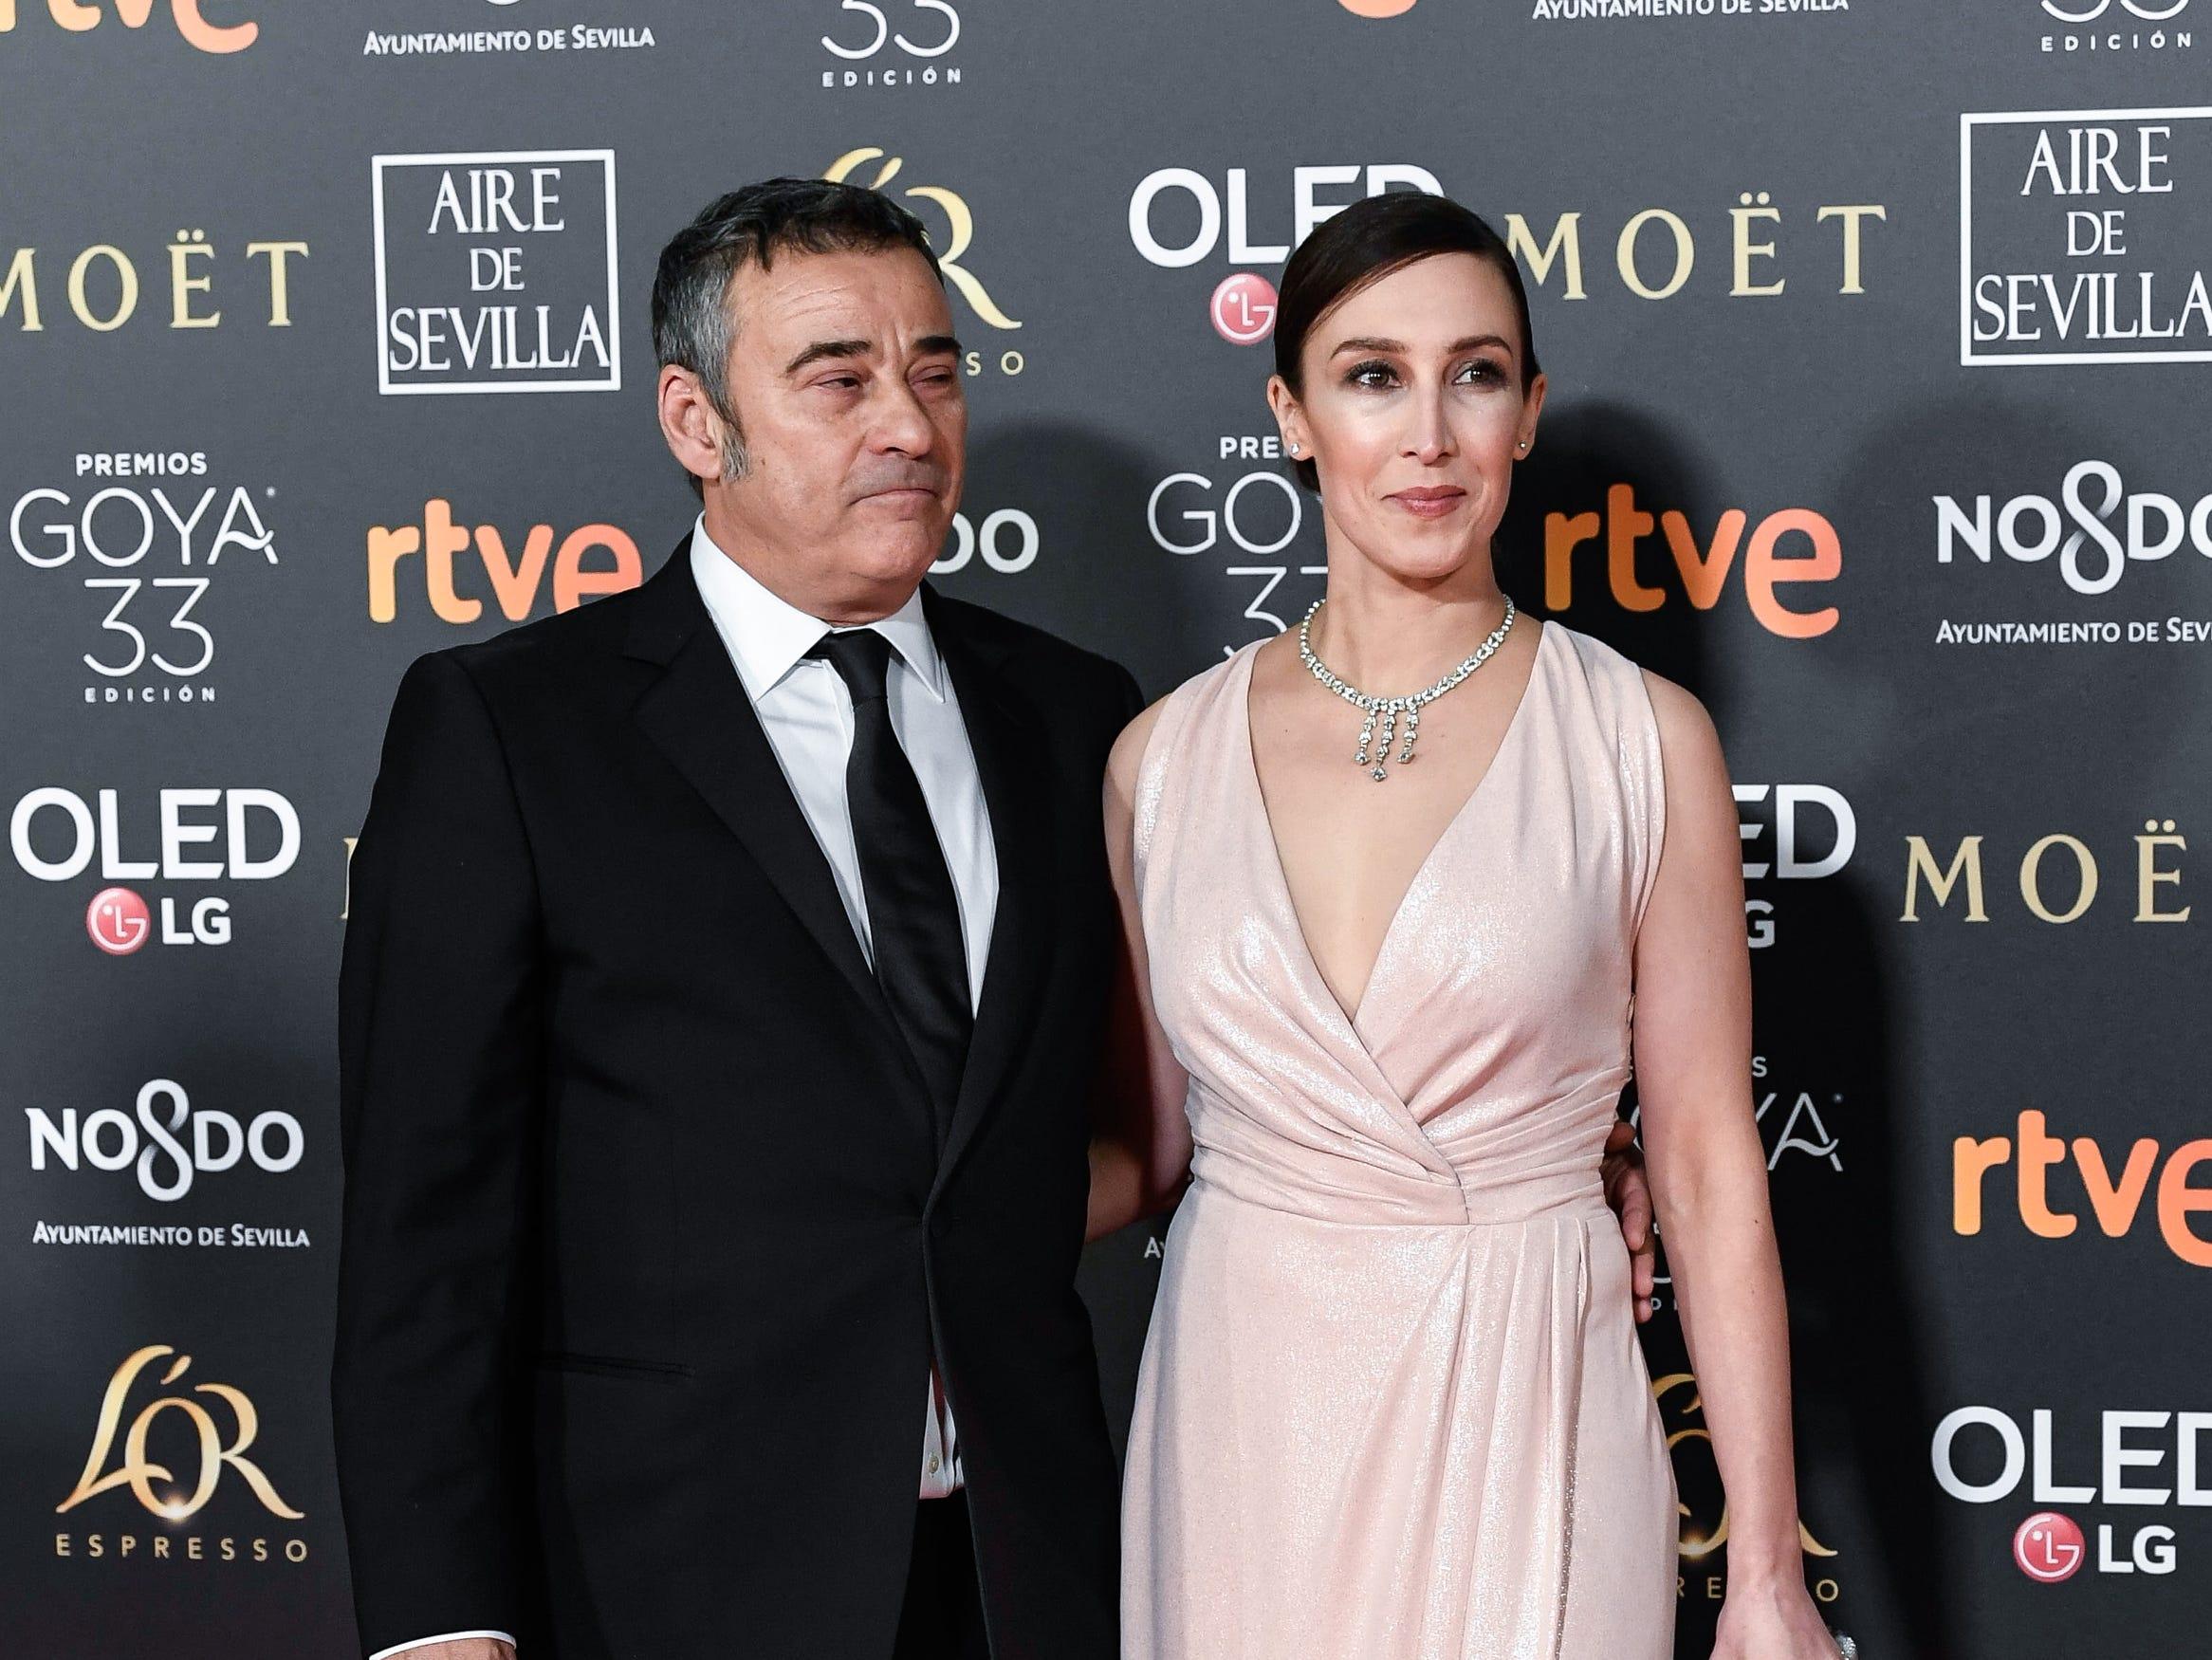 Eduard Fernández (der) y su acompañante asisten a la 33ª edición de los Premios de Cine Goya en el Palacio de Congresos y Exposiciones FIBES el 2 de febrero de 2019 en Sevilla, España.